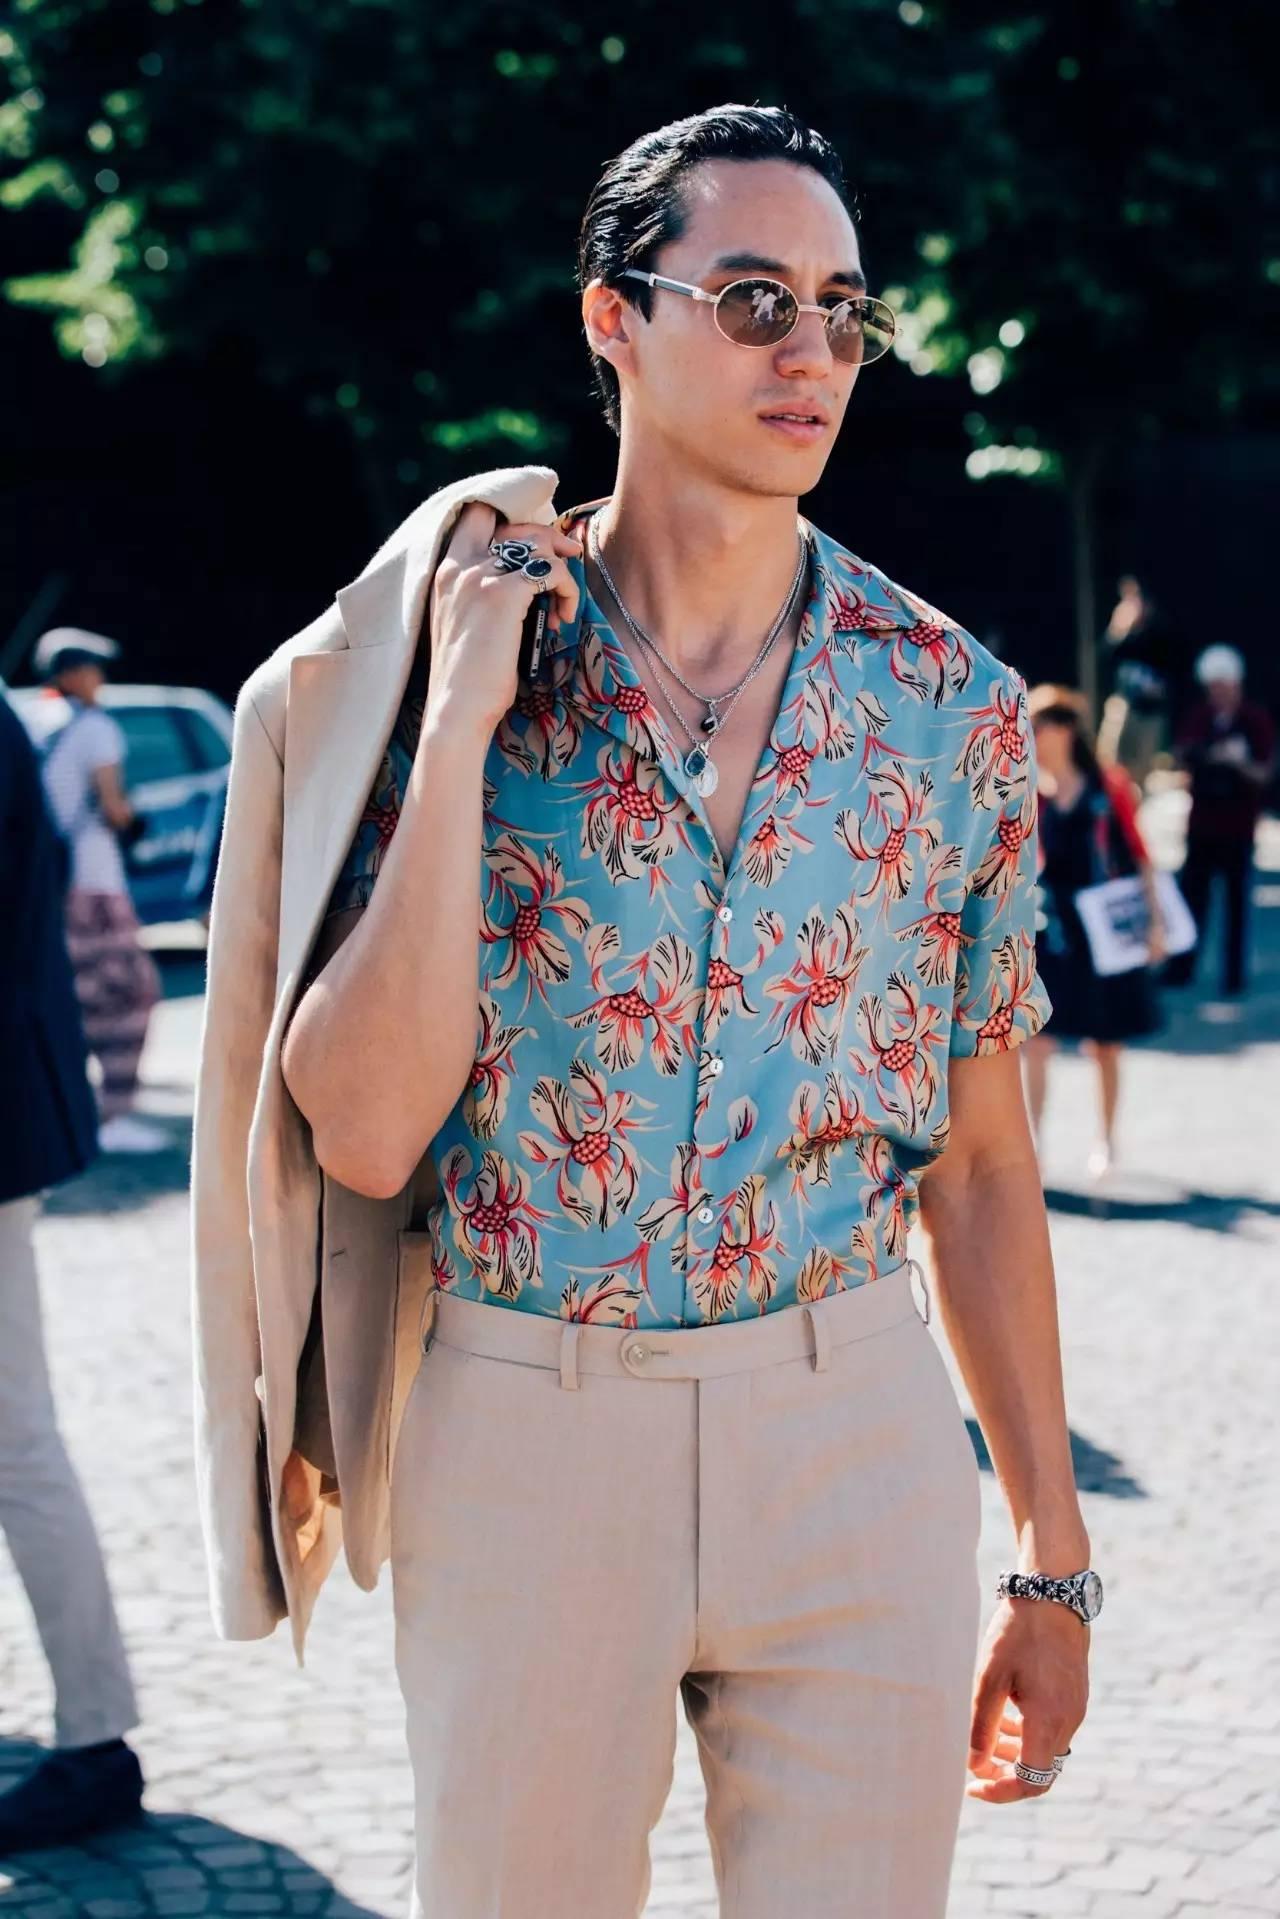 6 xu hướng thời trang dành cho nam hứa hẹn tiếp tục bùng nỗ đầu năm 2018-elleman5